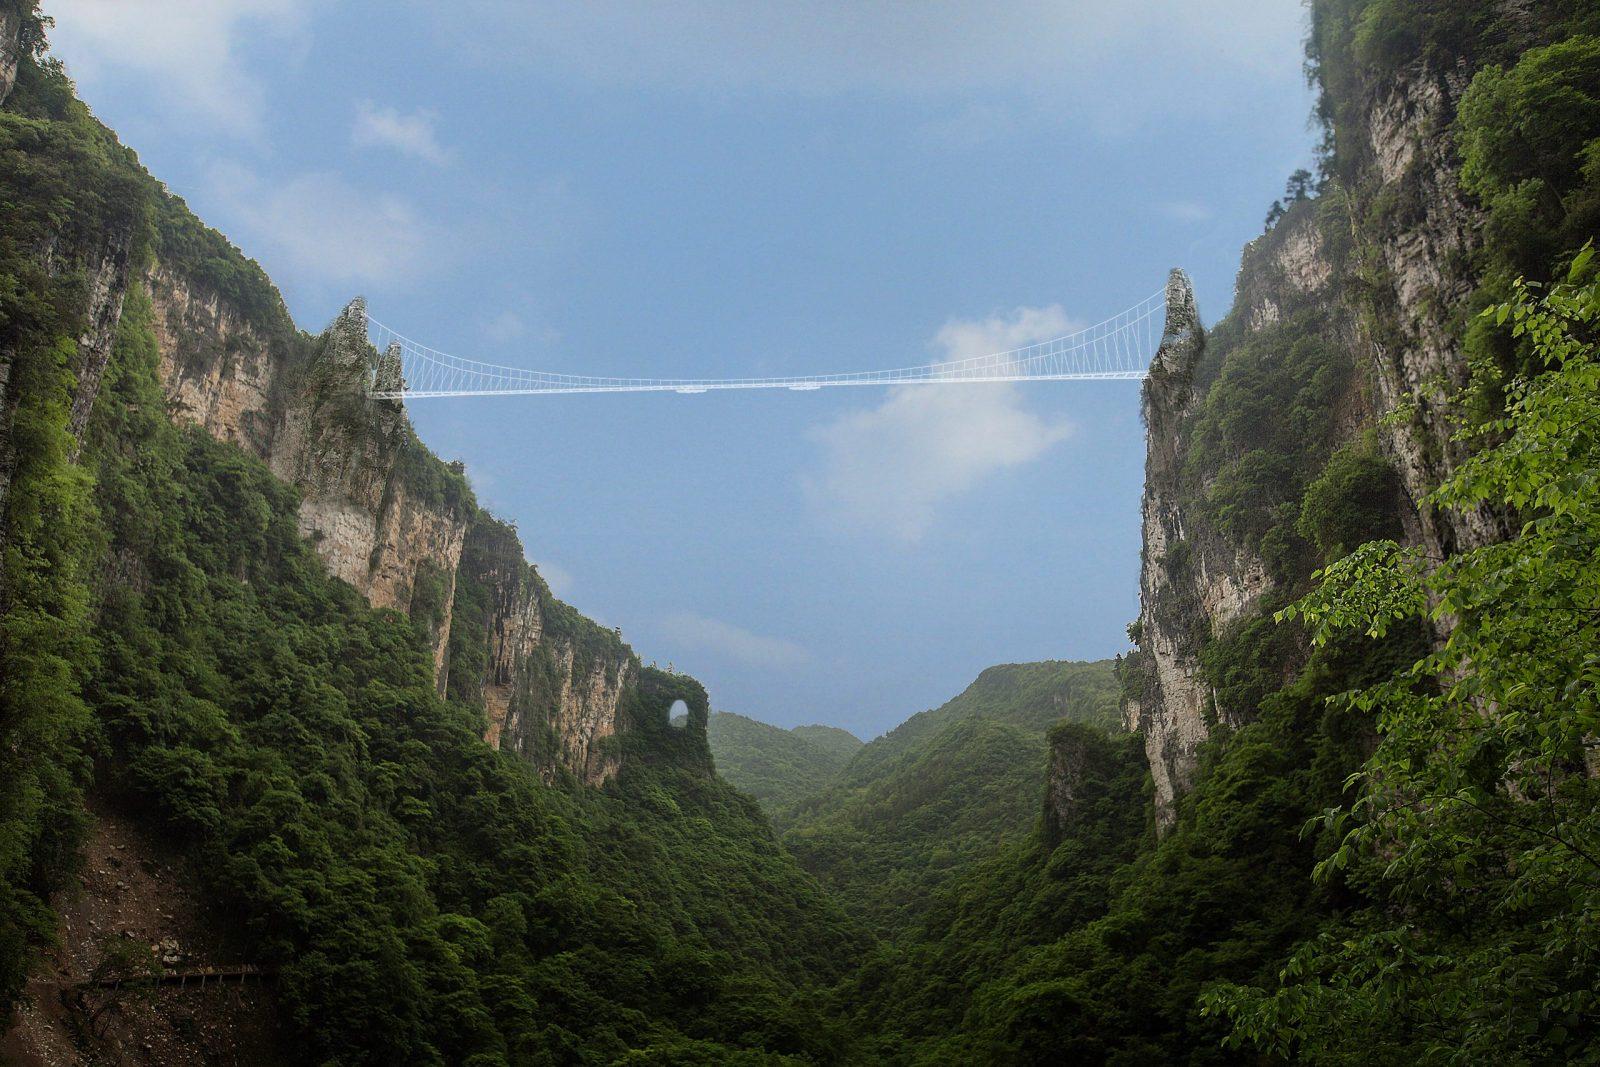 Así será el puente de cristal más grande del mundo.